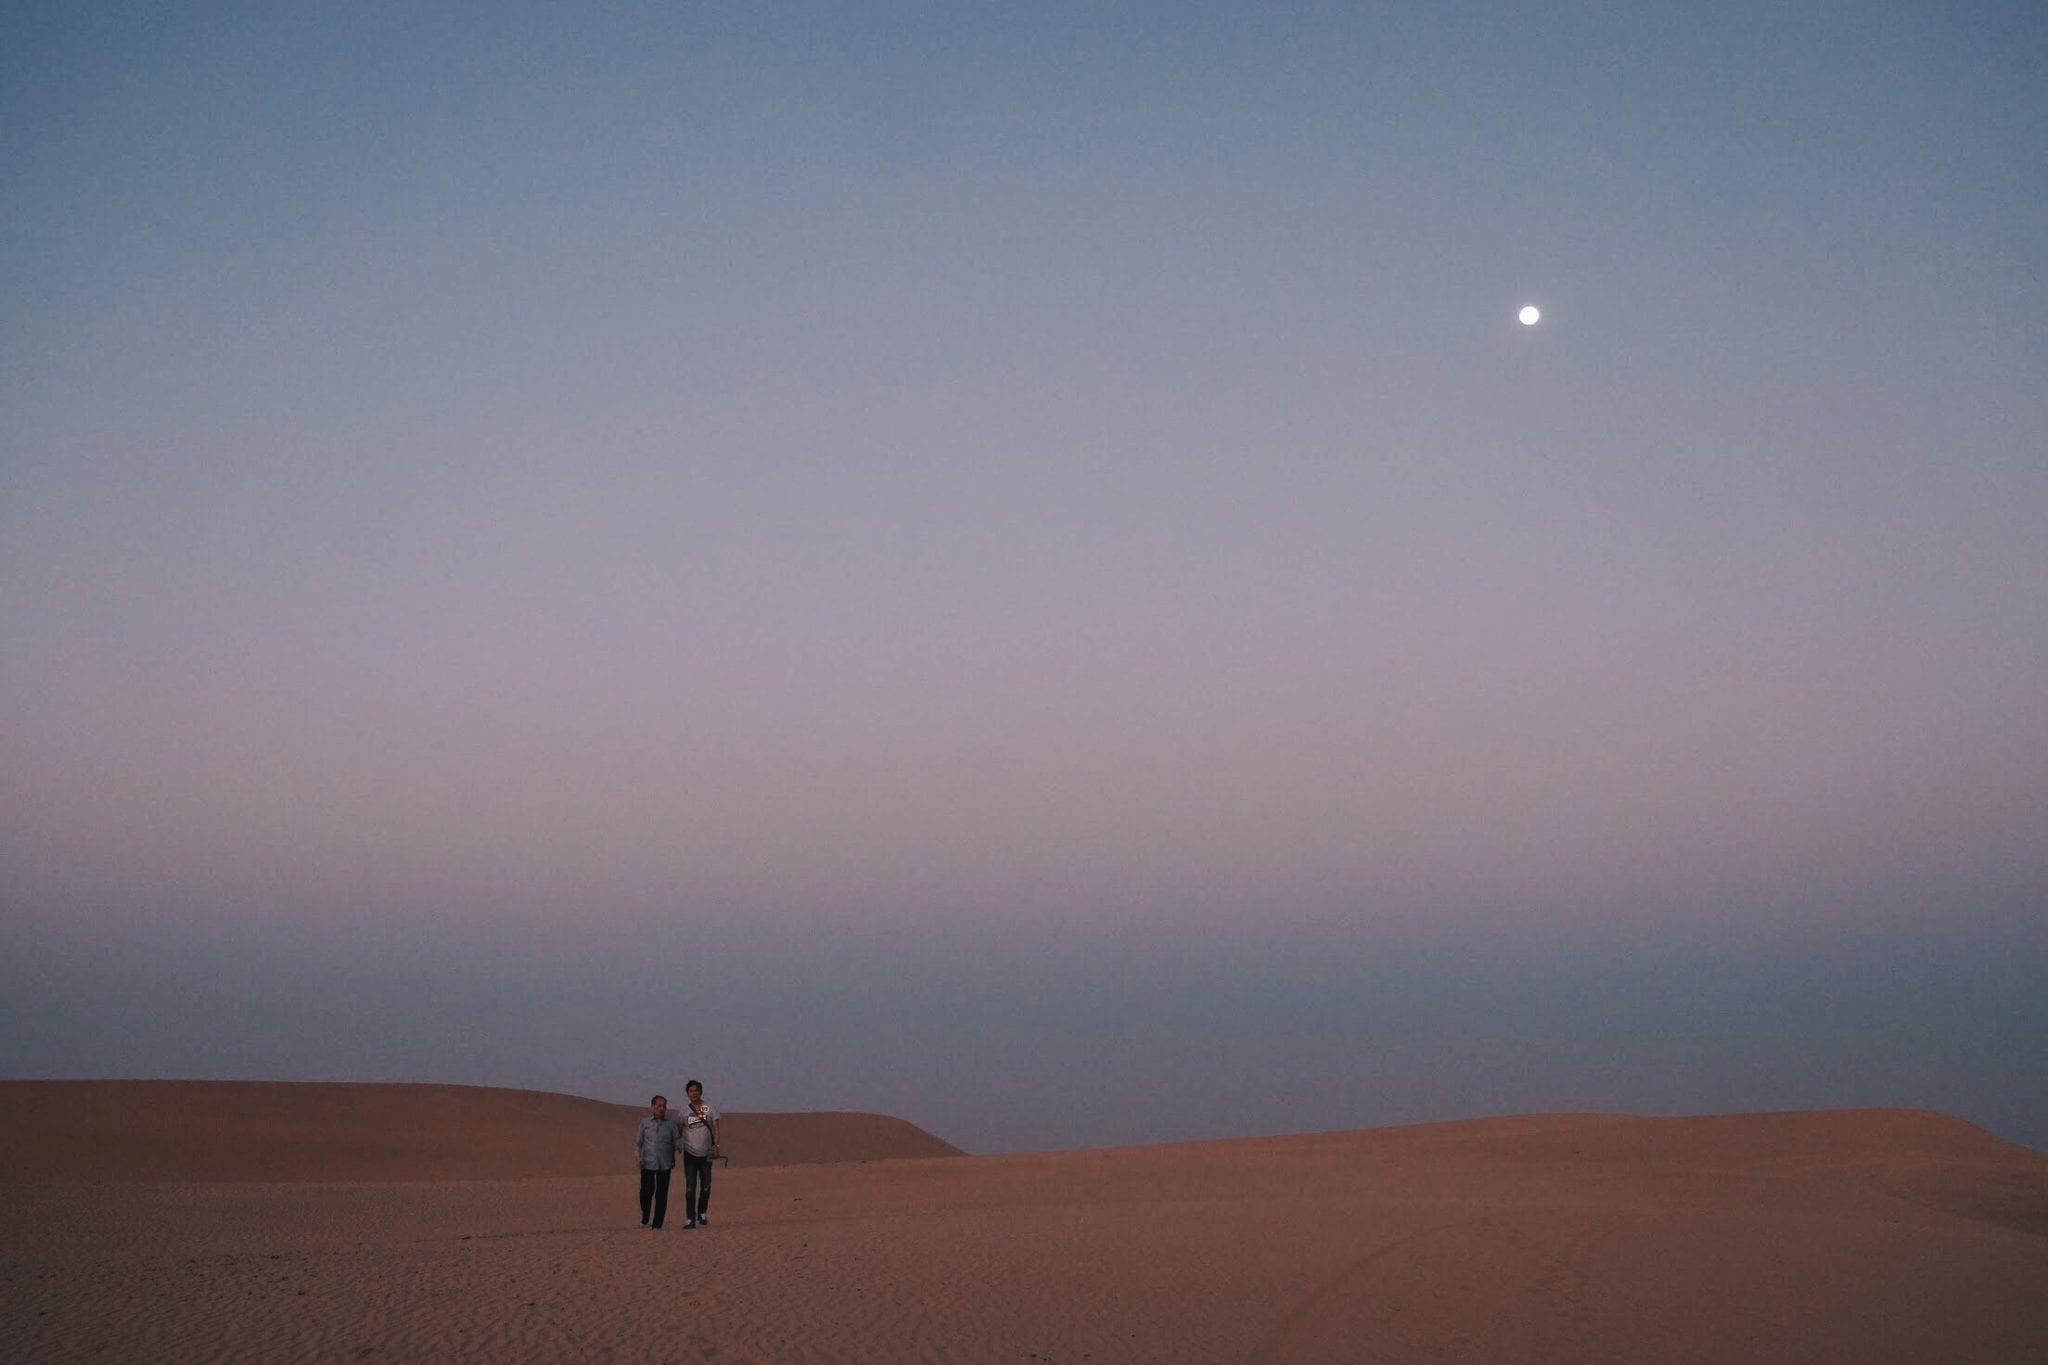 เที่ยวดูไบ ประเทศดูไบ ทะเลทราย ตลาดทอง